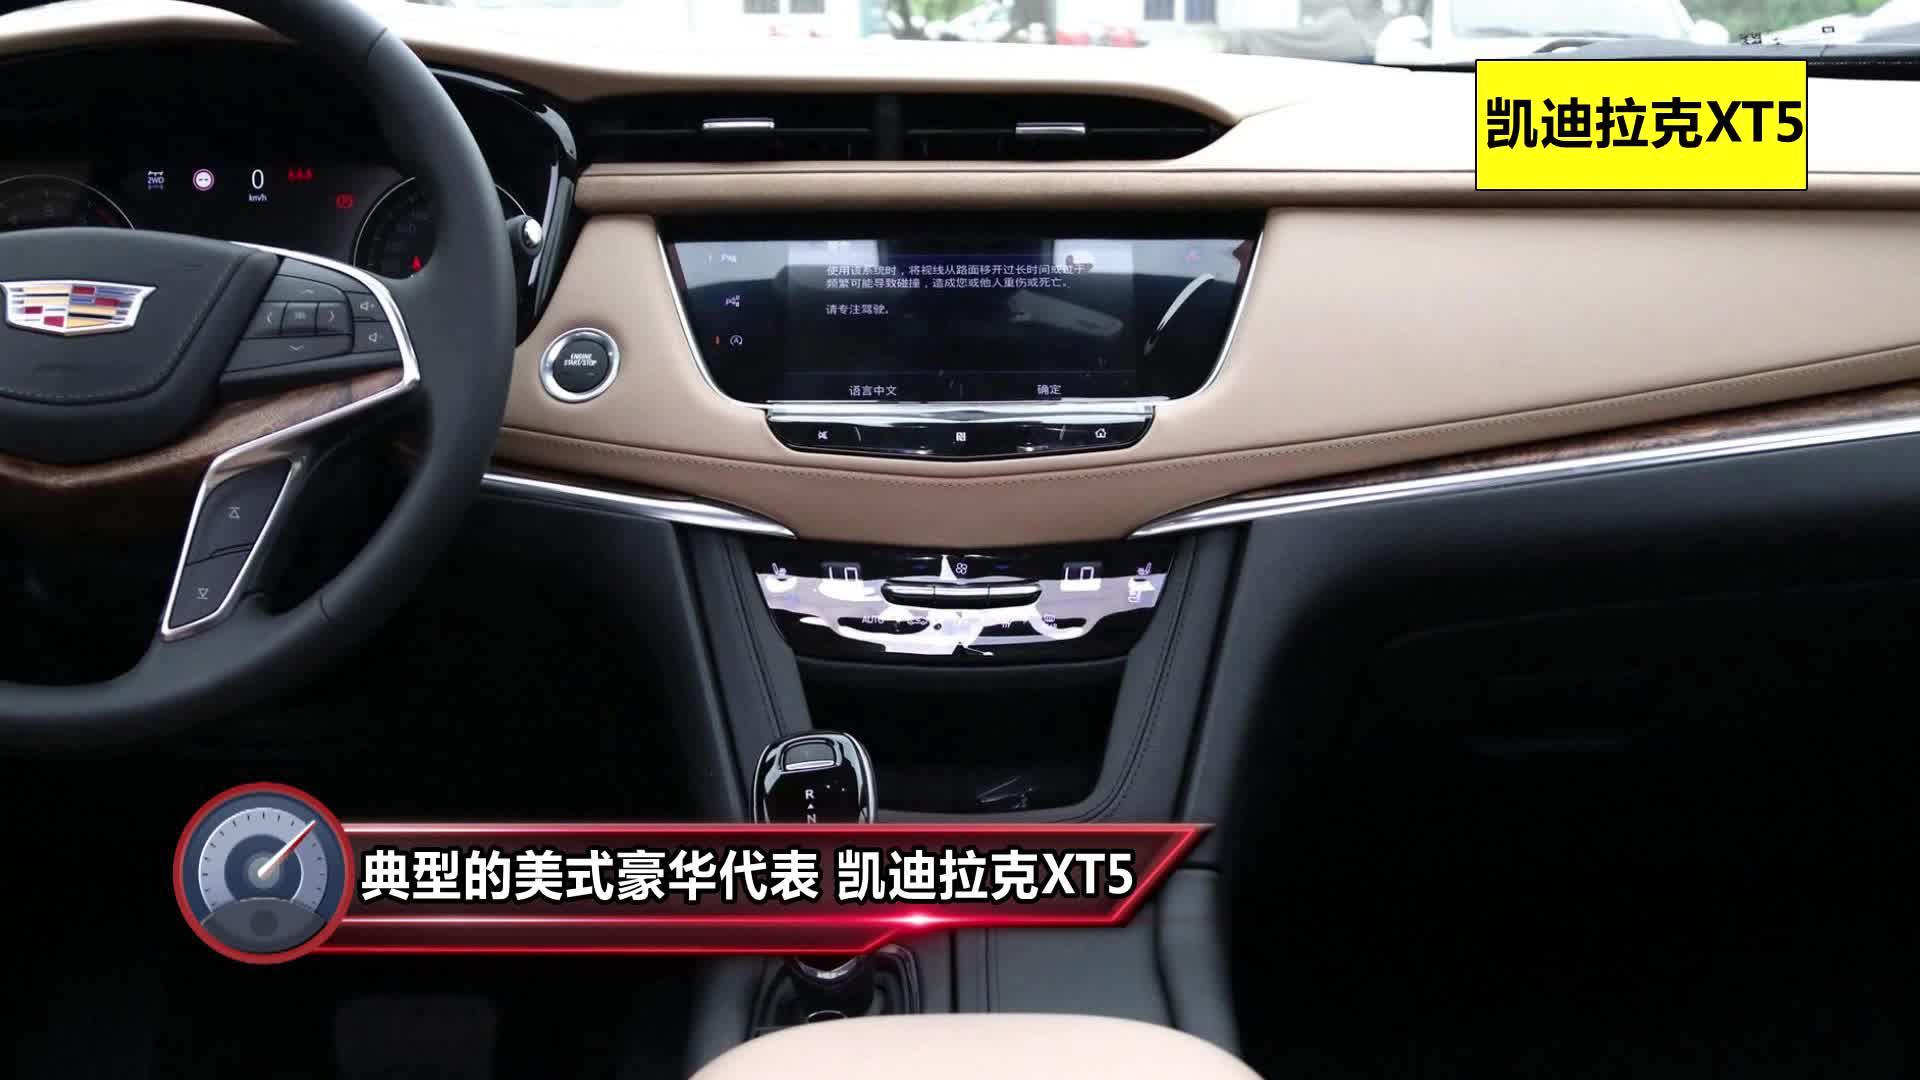 视频:美式豪华的代表 凯迪拉克XT5值得购买吗?